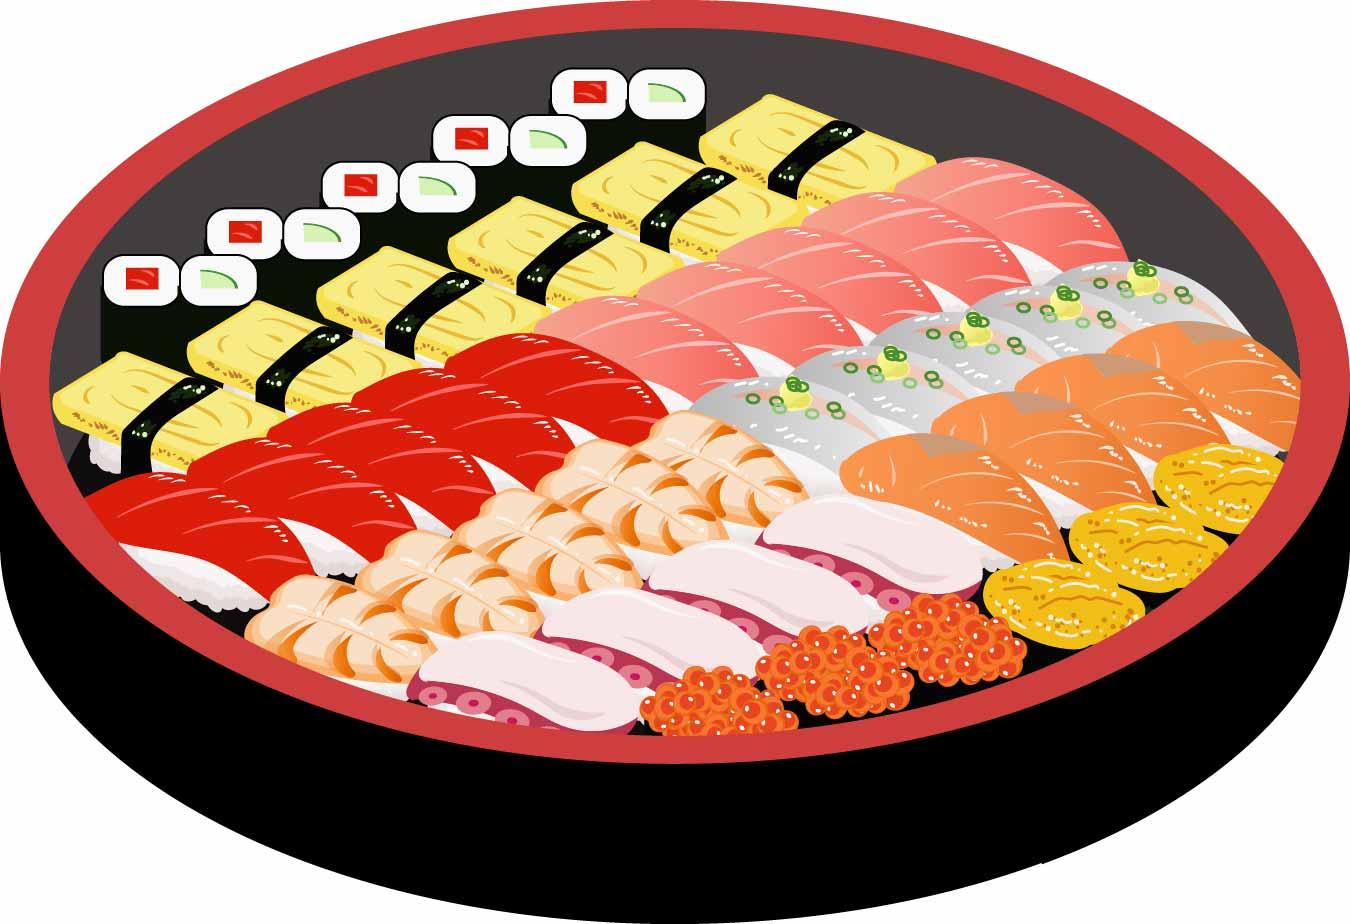 ヤクルト奥川投手「大好きな魚を思う存分食べられない!はやく石川に帰郷したい」